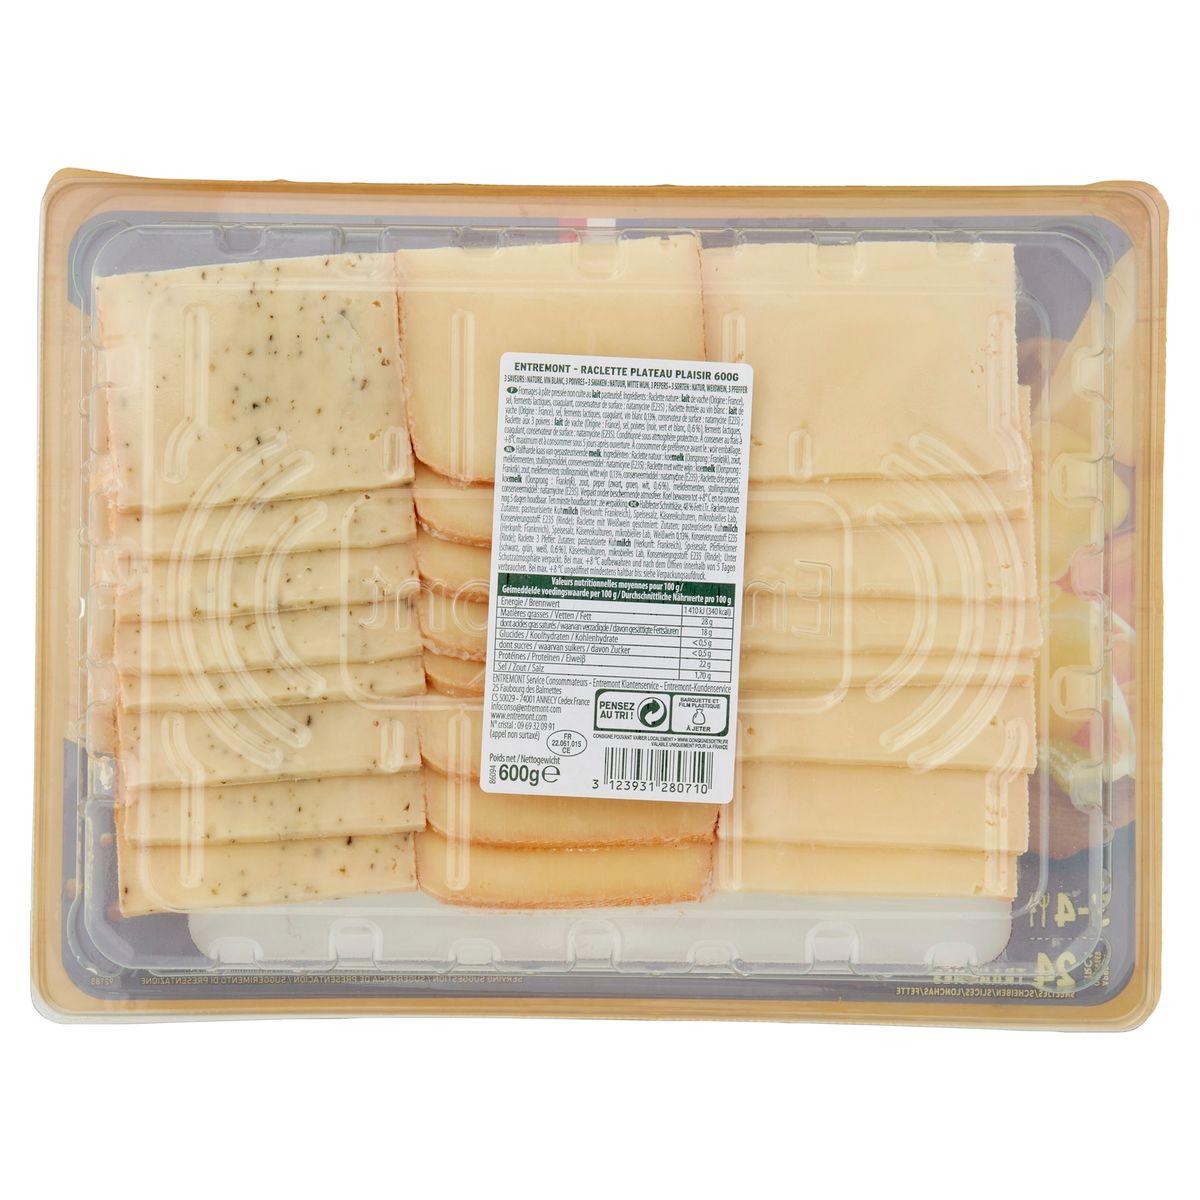 Entremont Raclette Plateau Plaisir 3 Smaken 600 g